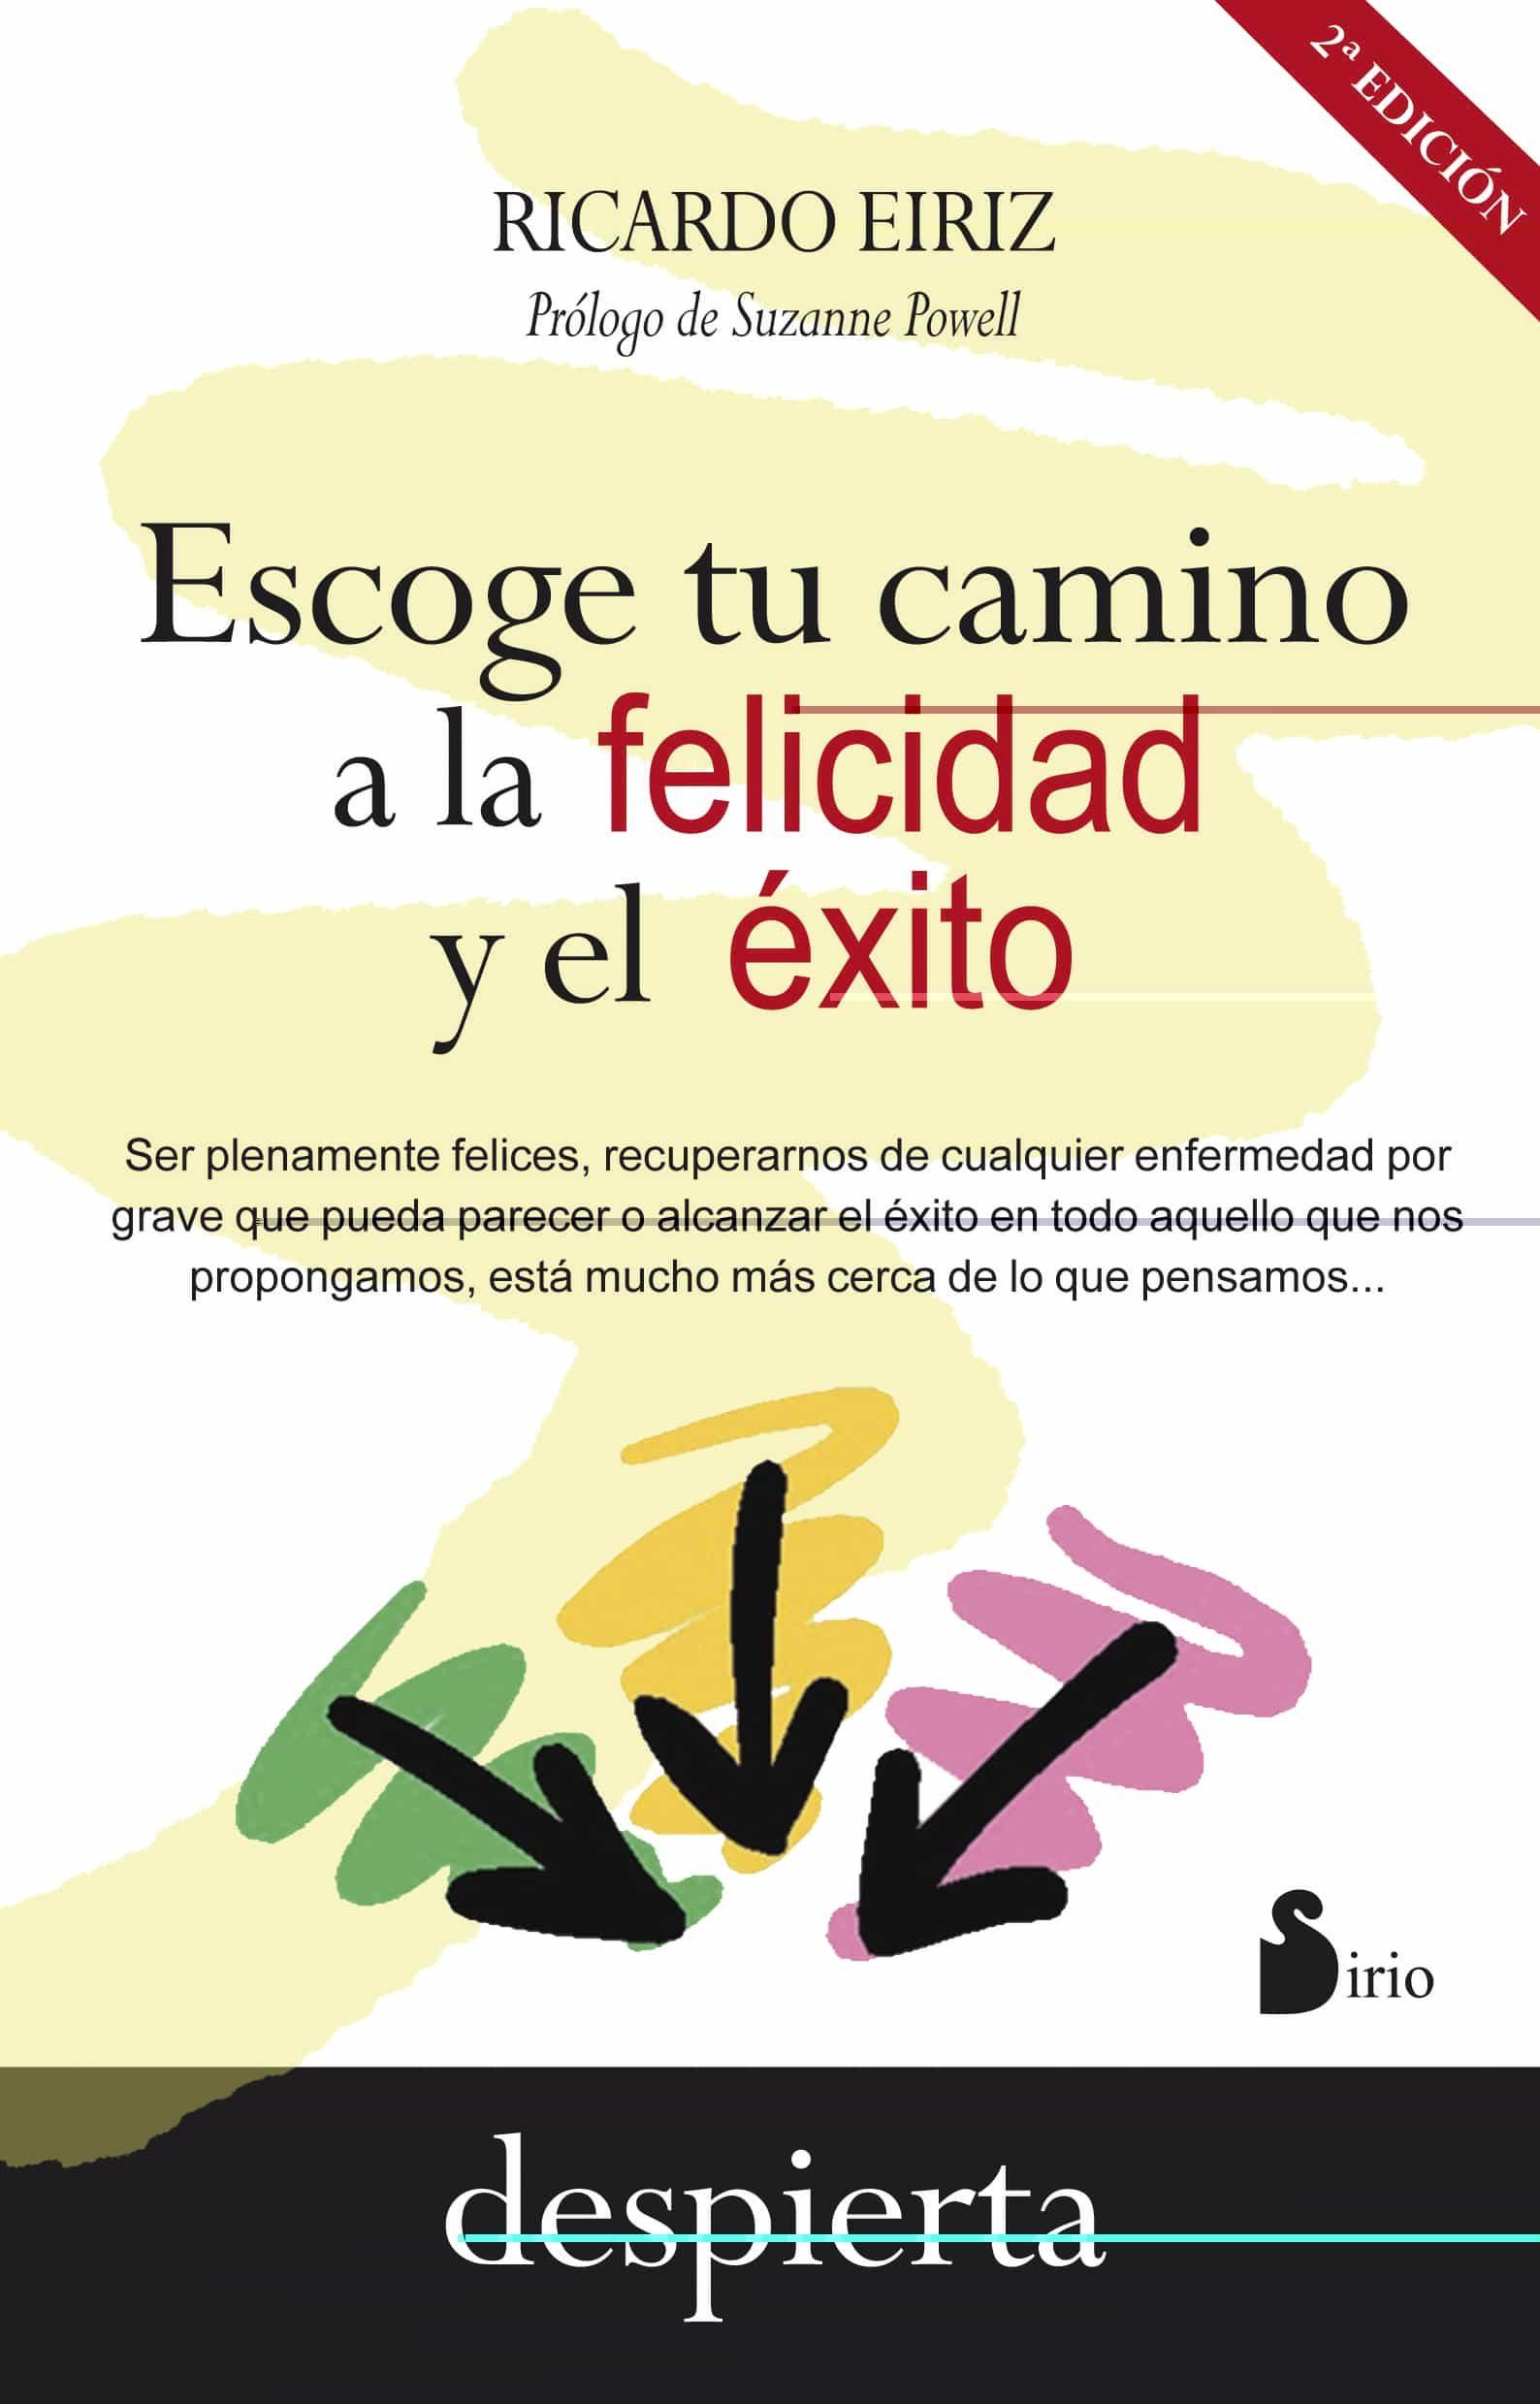 escoge tu camino a la felicidad y el éxito-ricardo eiriz-9788416233885